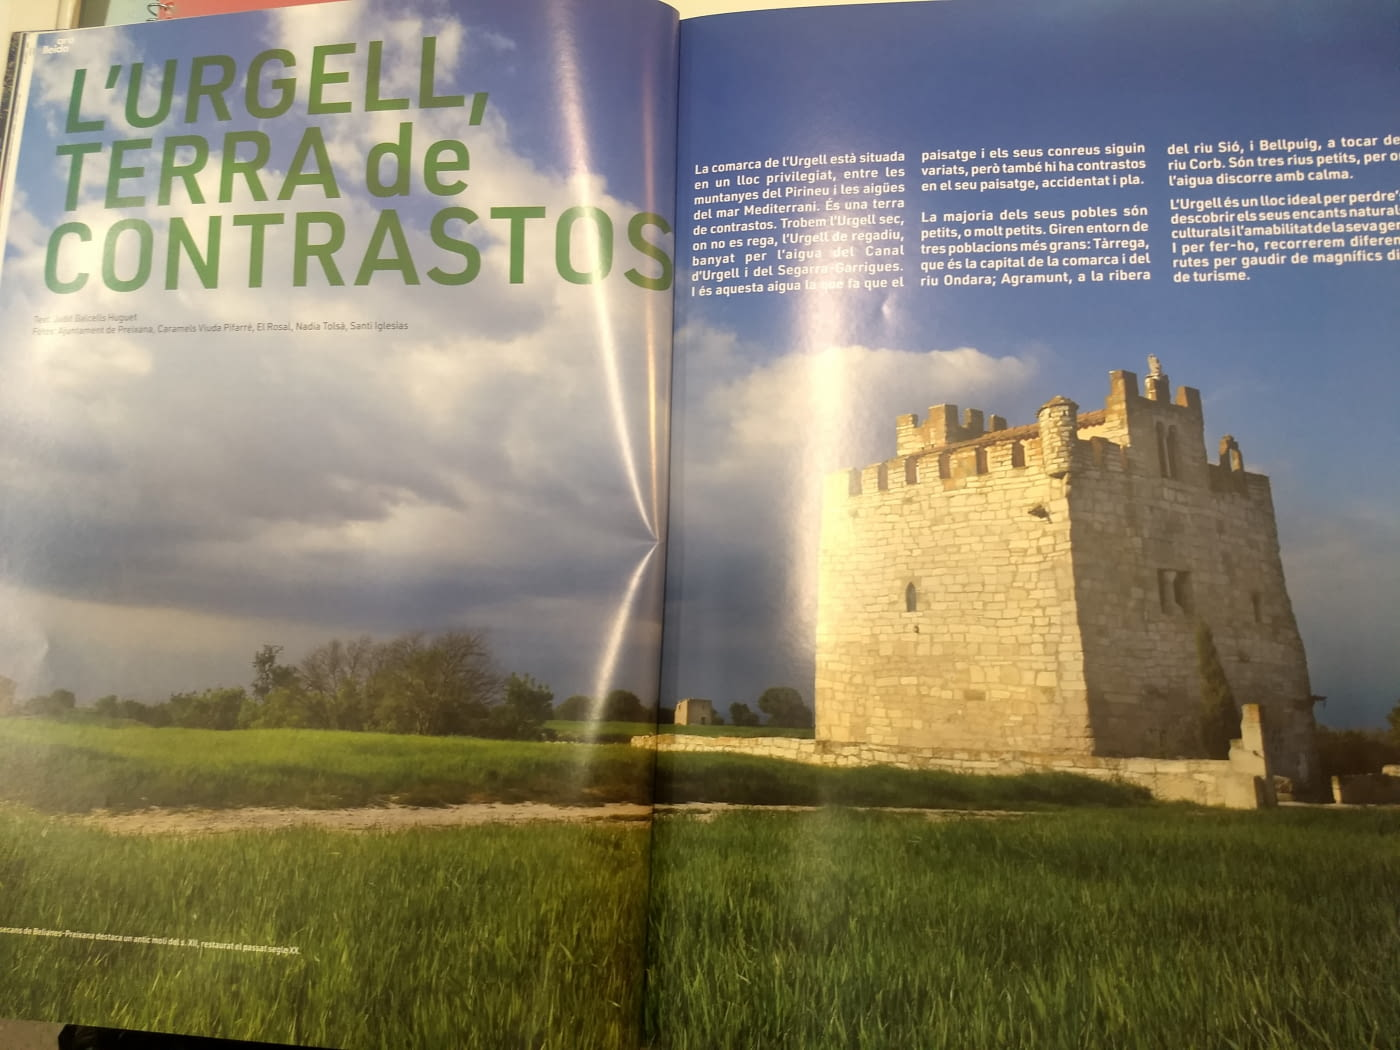 L'Urgell, terra de contrastos, a la revista Ara Lleida, juliol